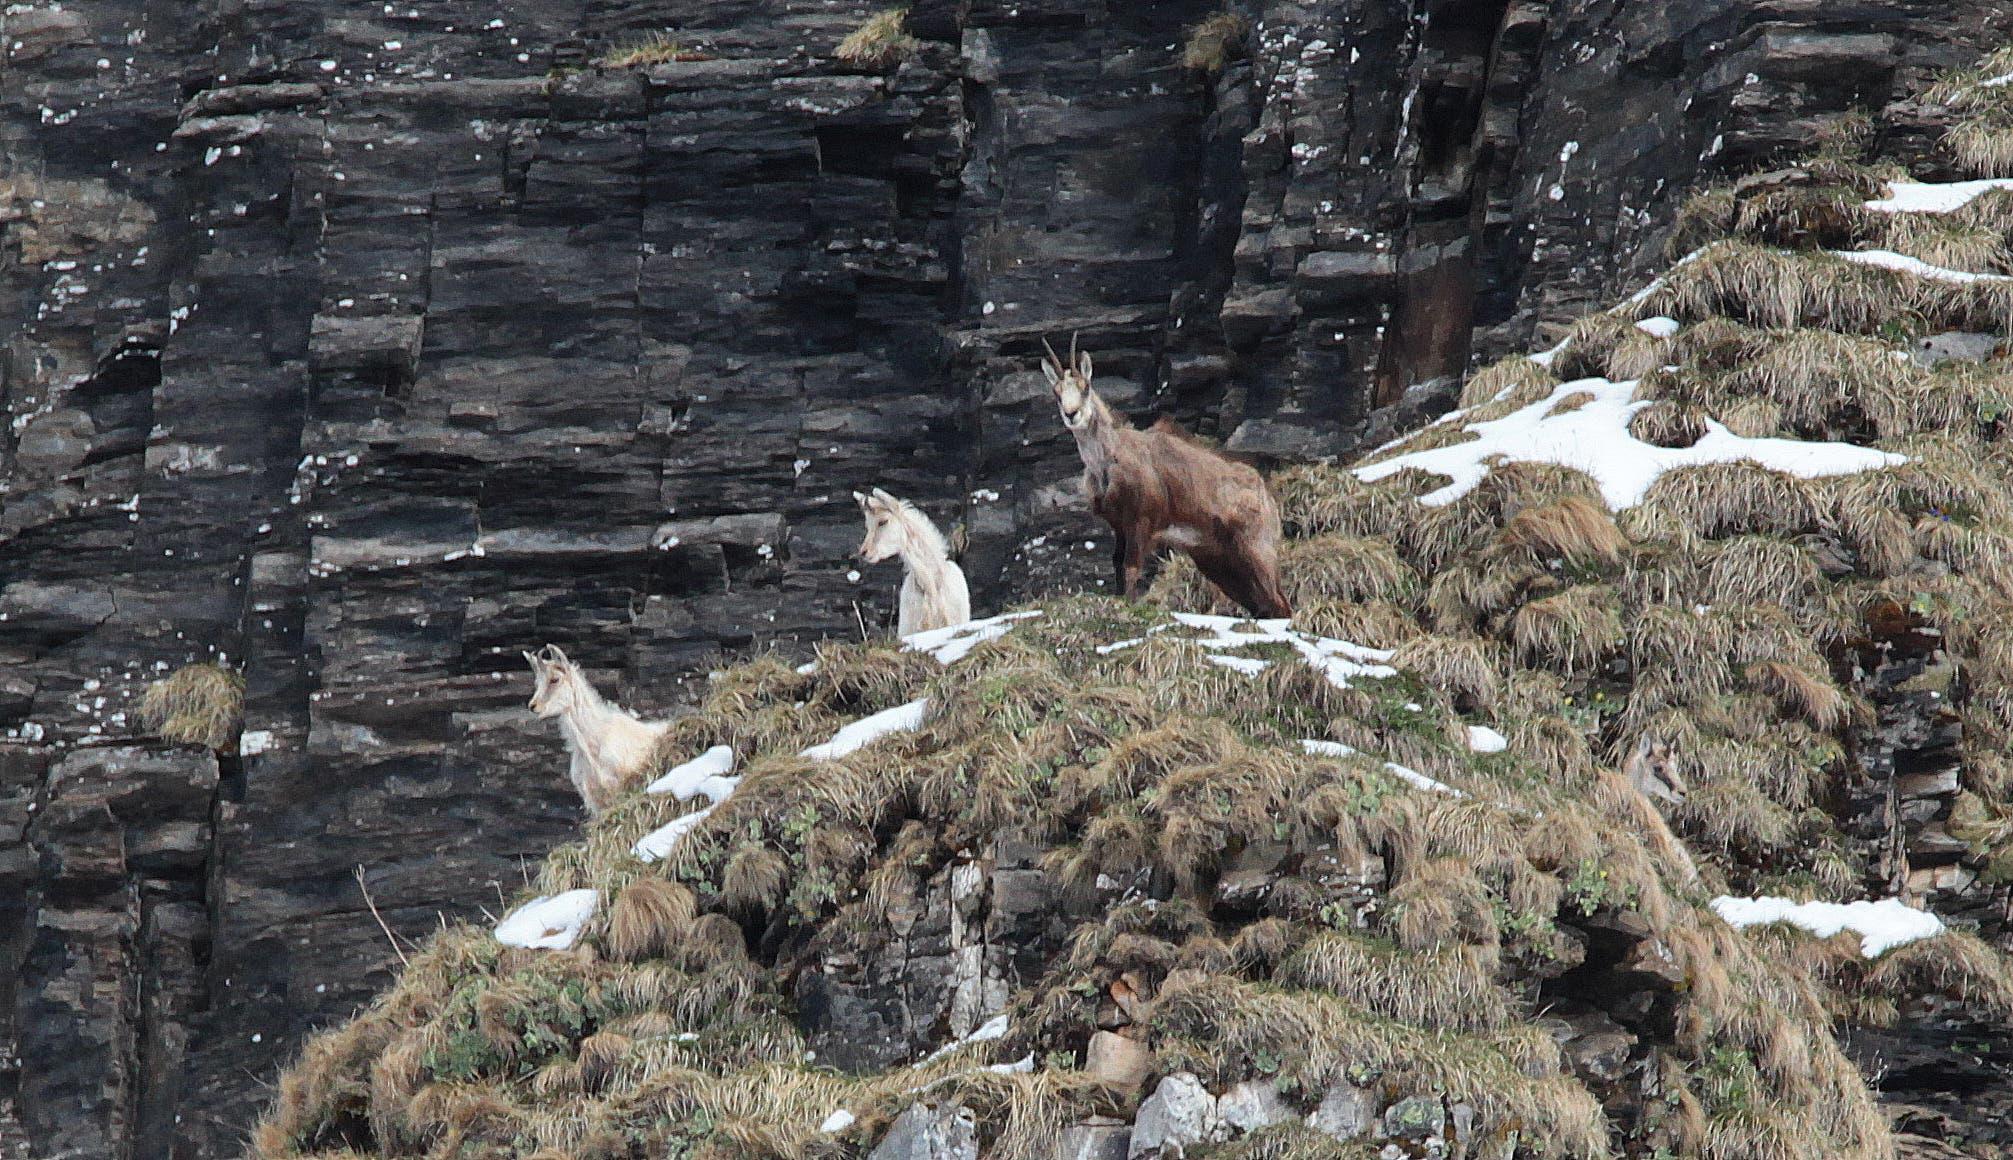 Sensation im Tierreich: In einem Urner Tal haben der Tierfilmer Tony Gnos und sein Sohn Fabian zwei weisse Gämsen vor die Linse bekommen.